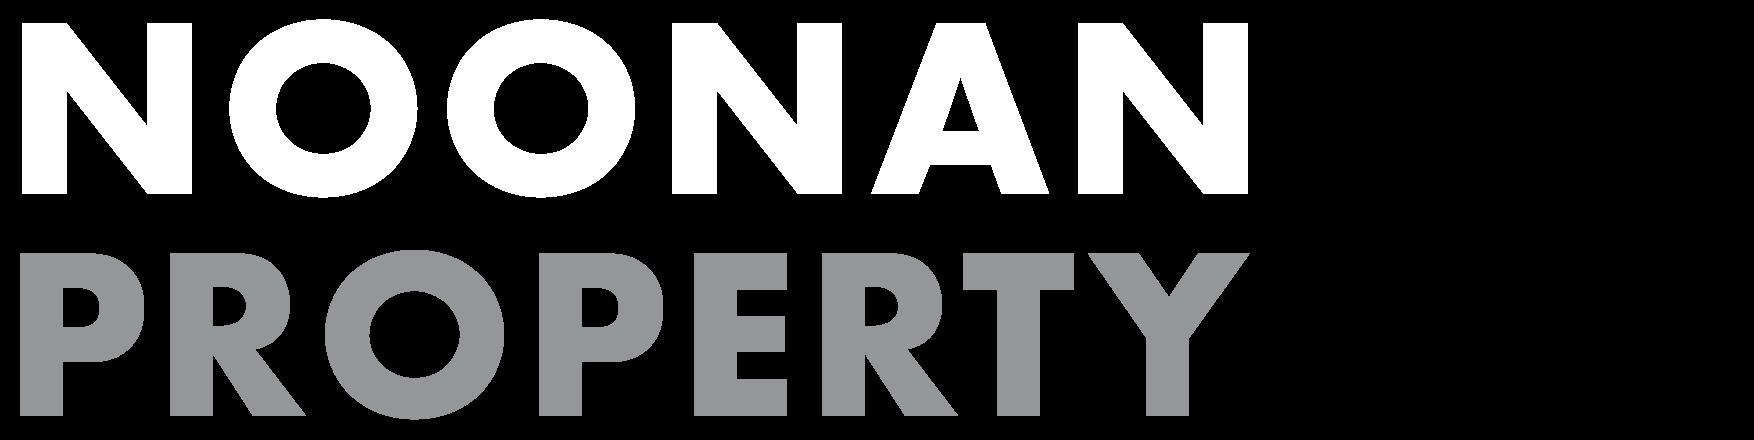 Noonan Property